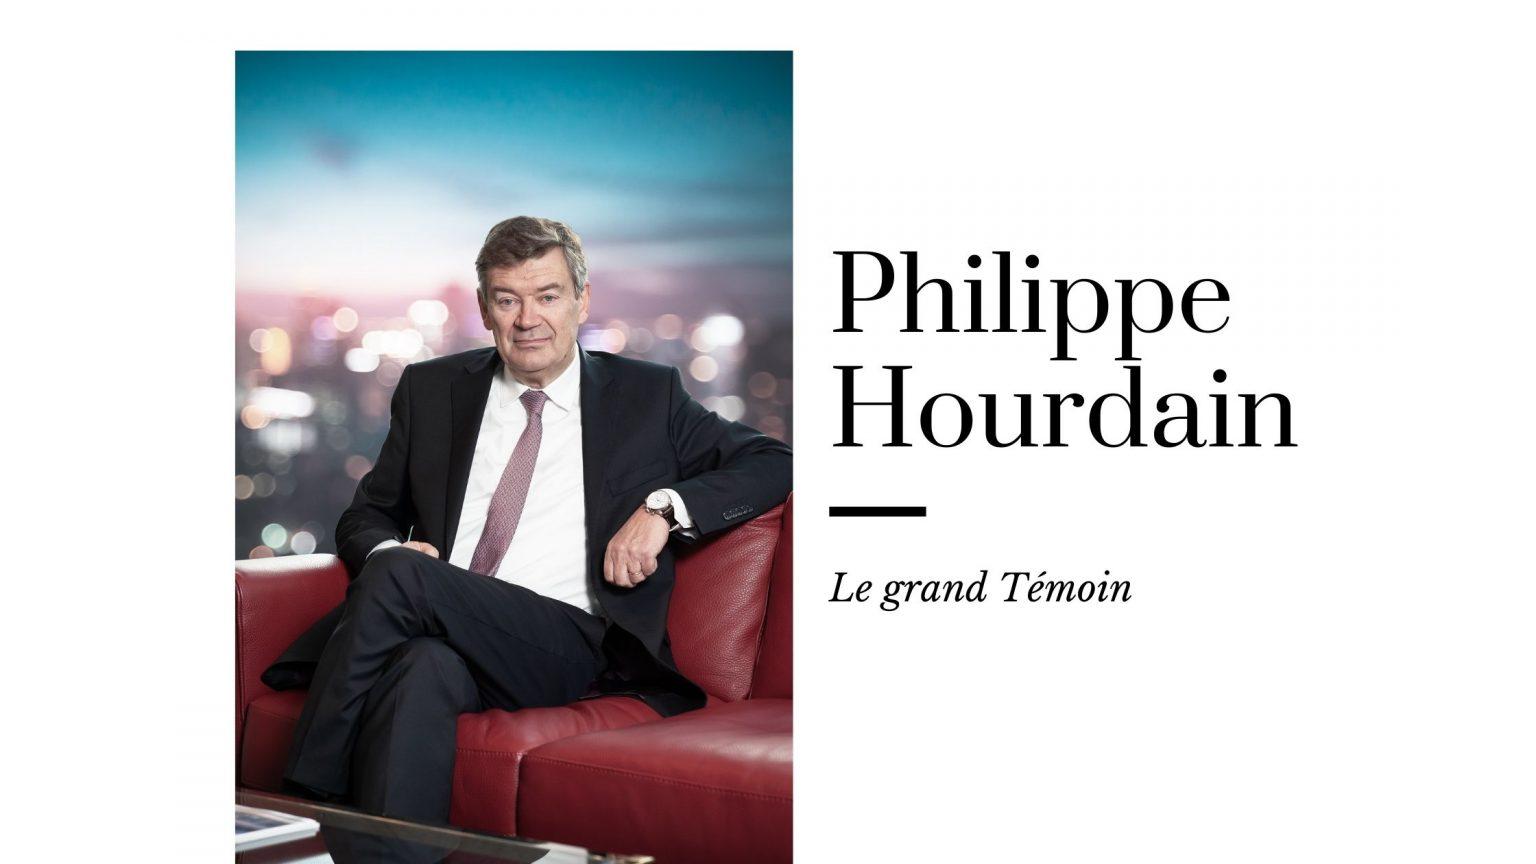 Philippe Hourdain, président de la CCI Hauts-de-France